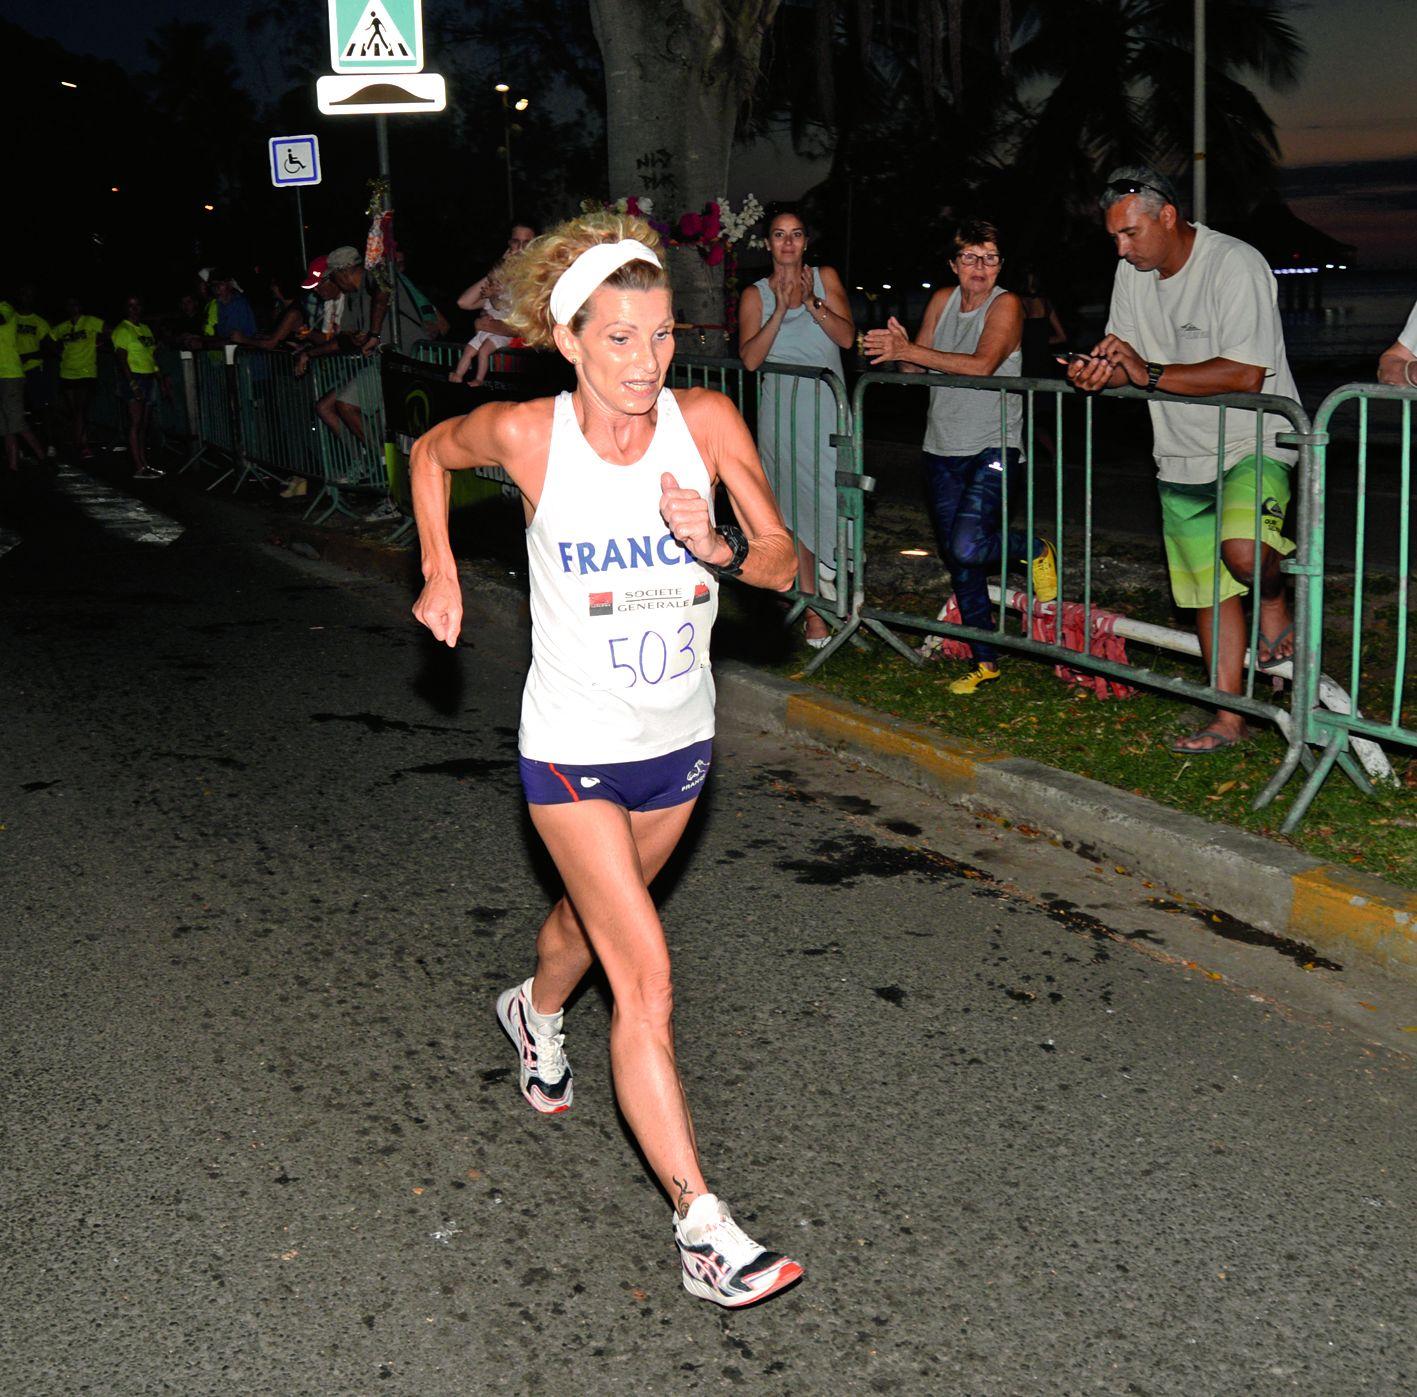 Pas de surprise du côte des marcheurs. Carole Imbert, championne du monde sur 5 000 m dans sa catégorie a devancé les quatre autres athlètes de la discipline présents hier.